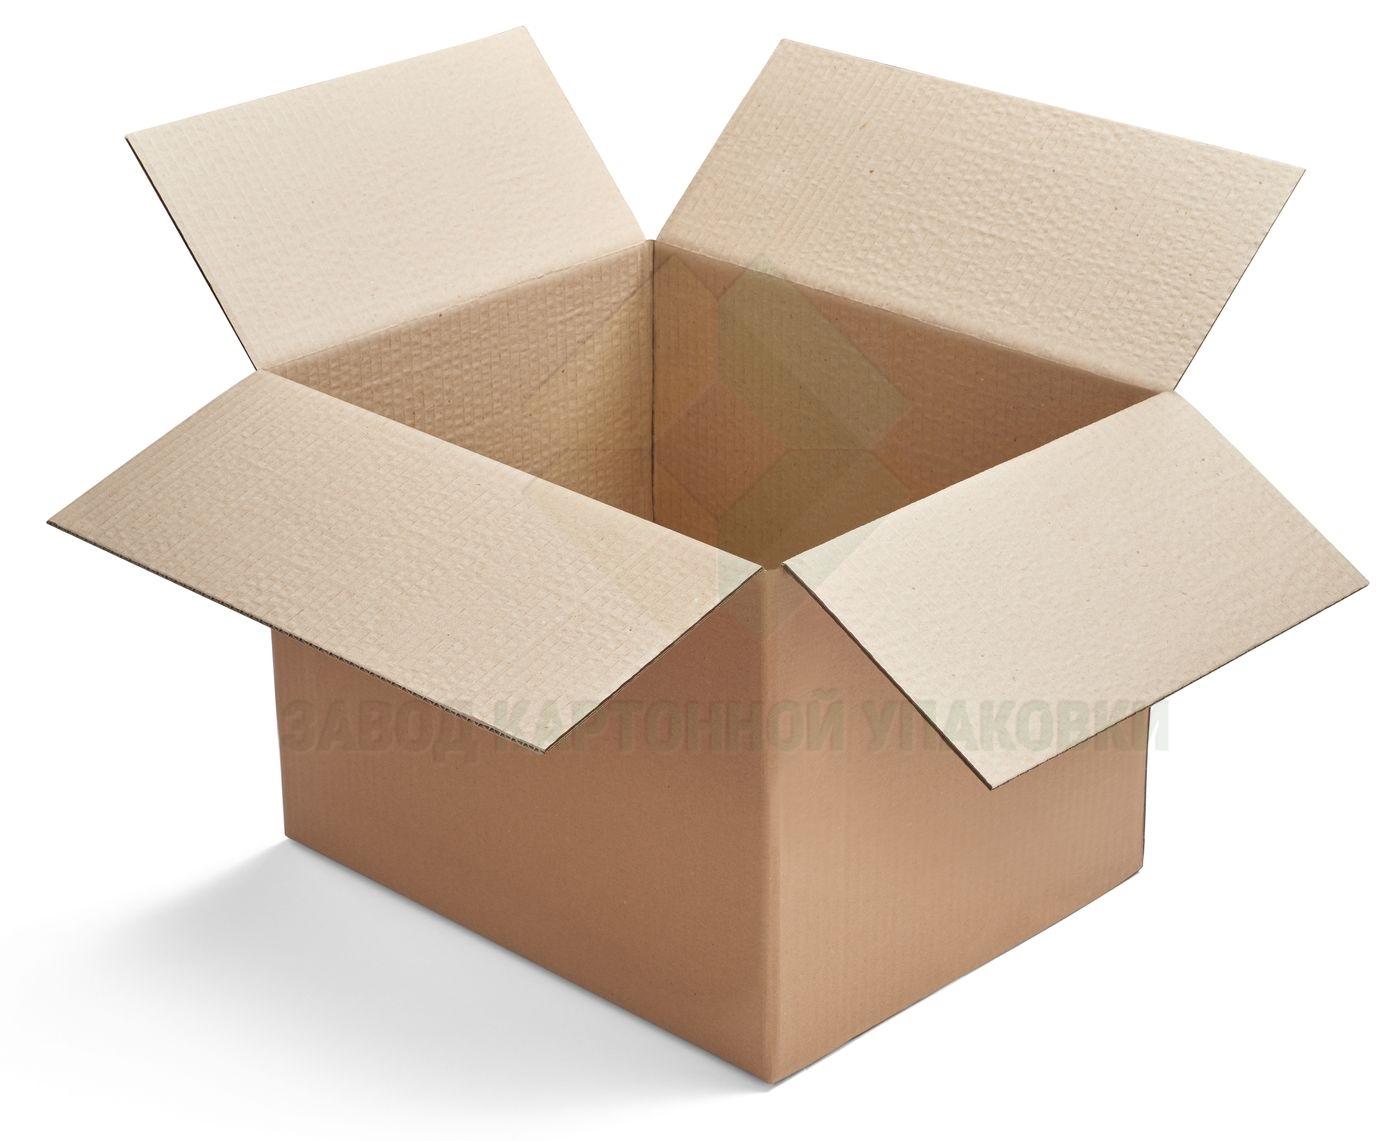 Четырехклапанная коробка из гофрокартона 400x400x200